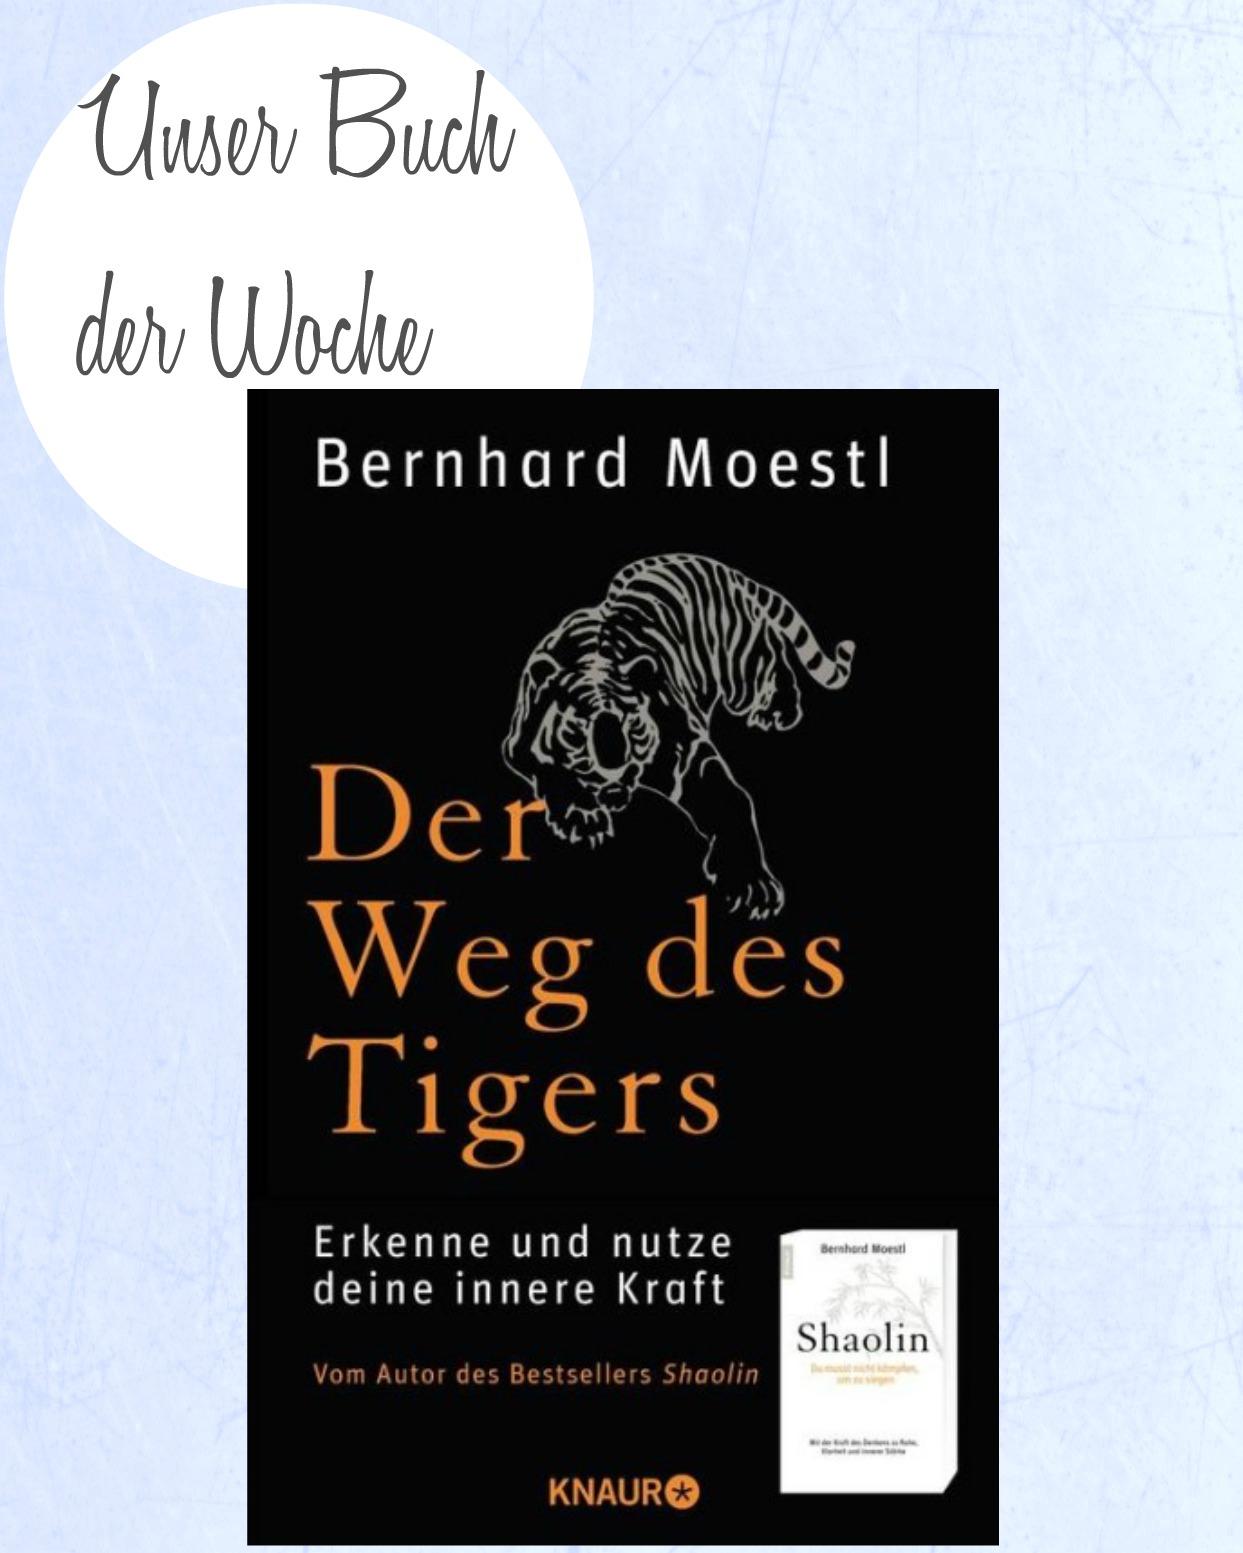 BeFunky_BDW_Der Weg des Tigers